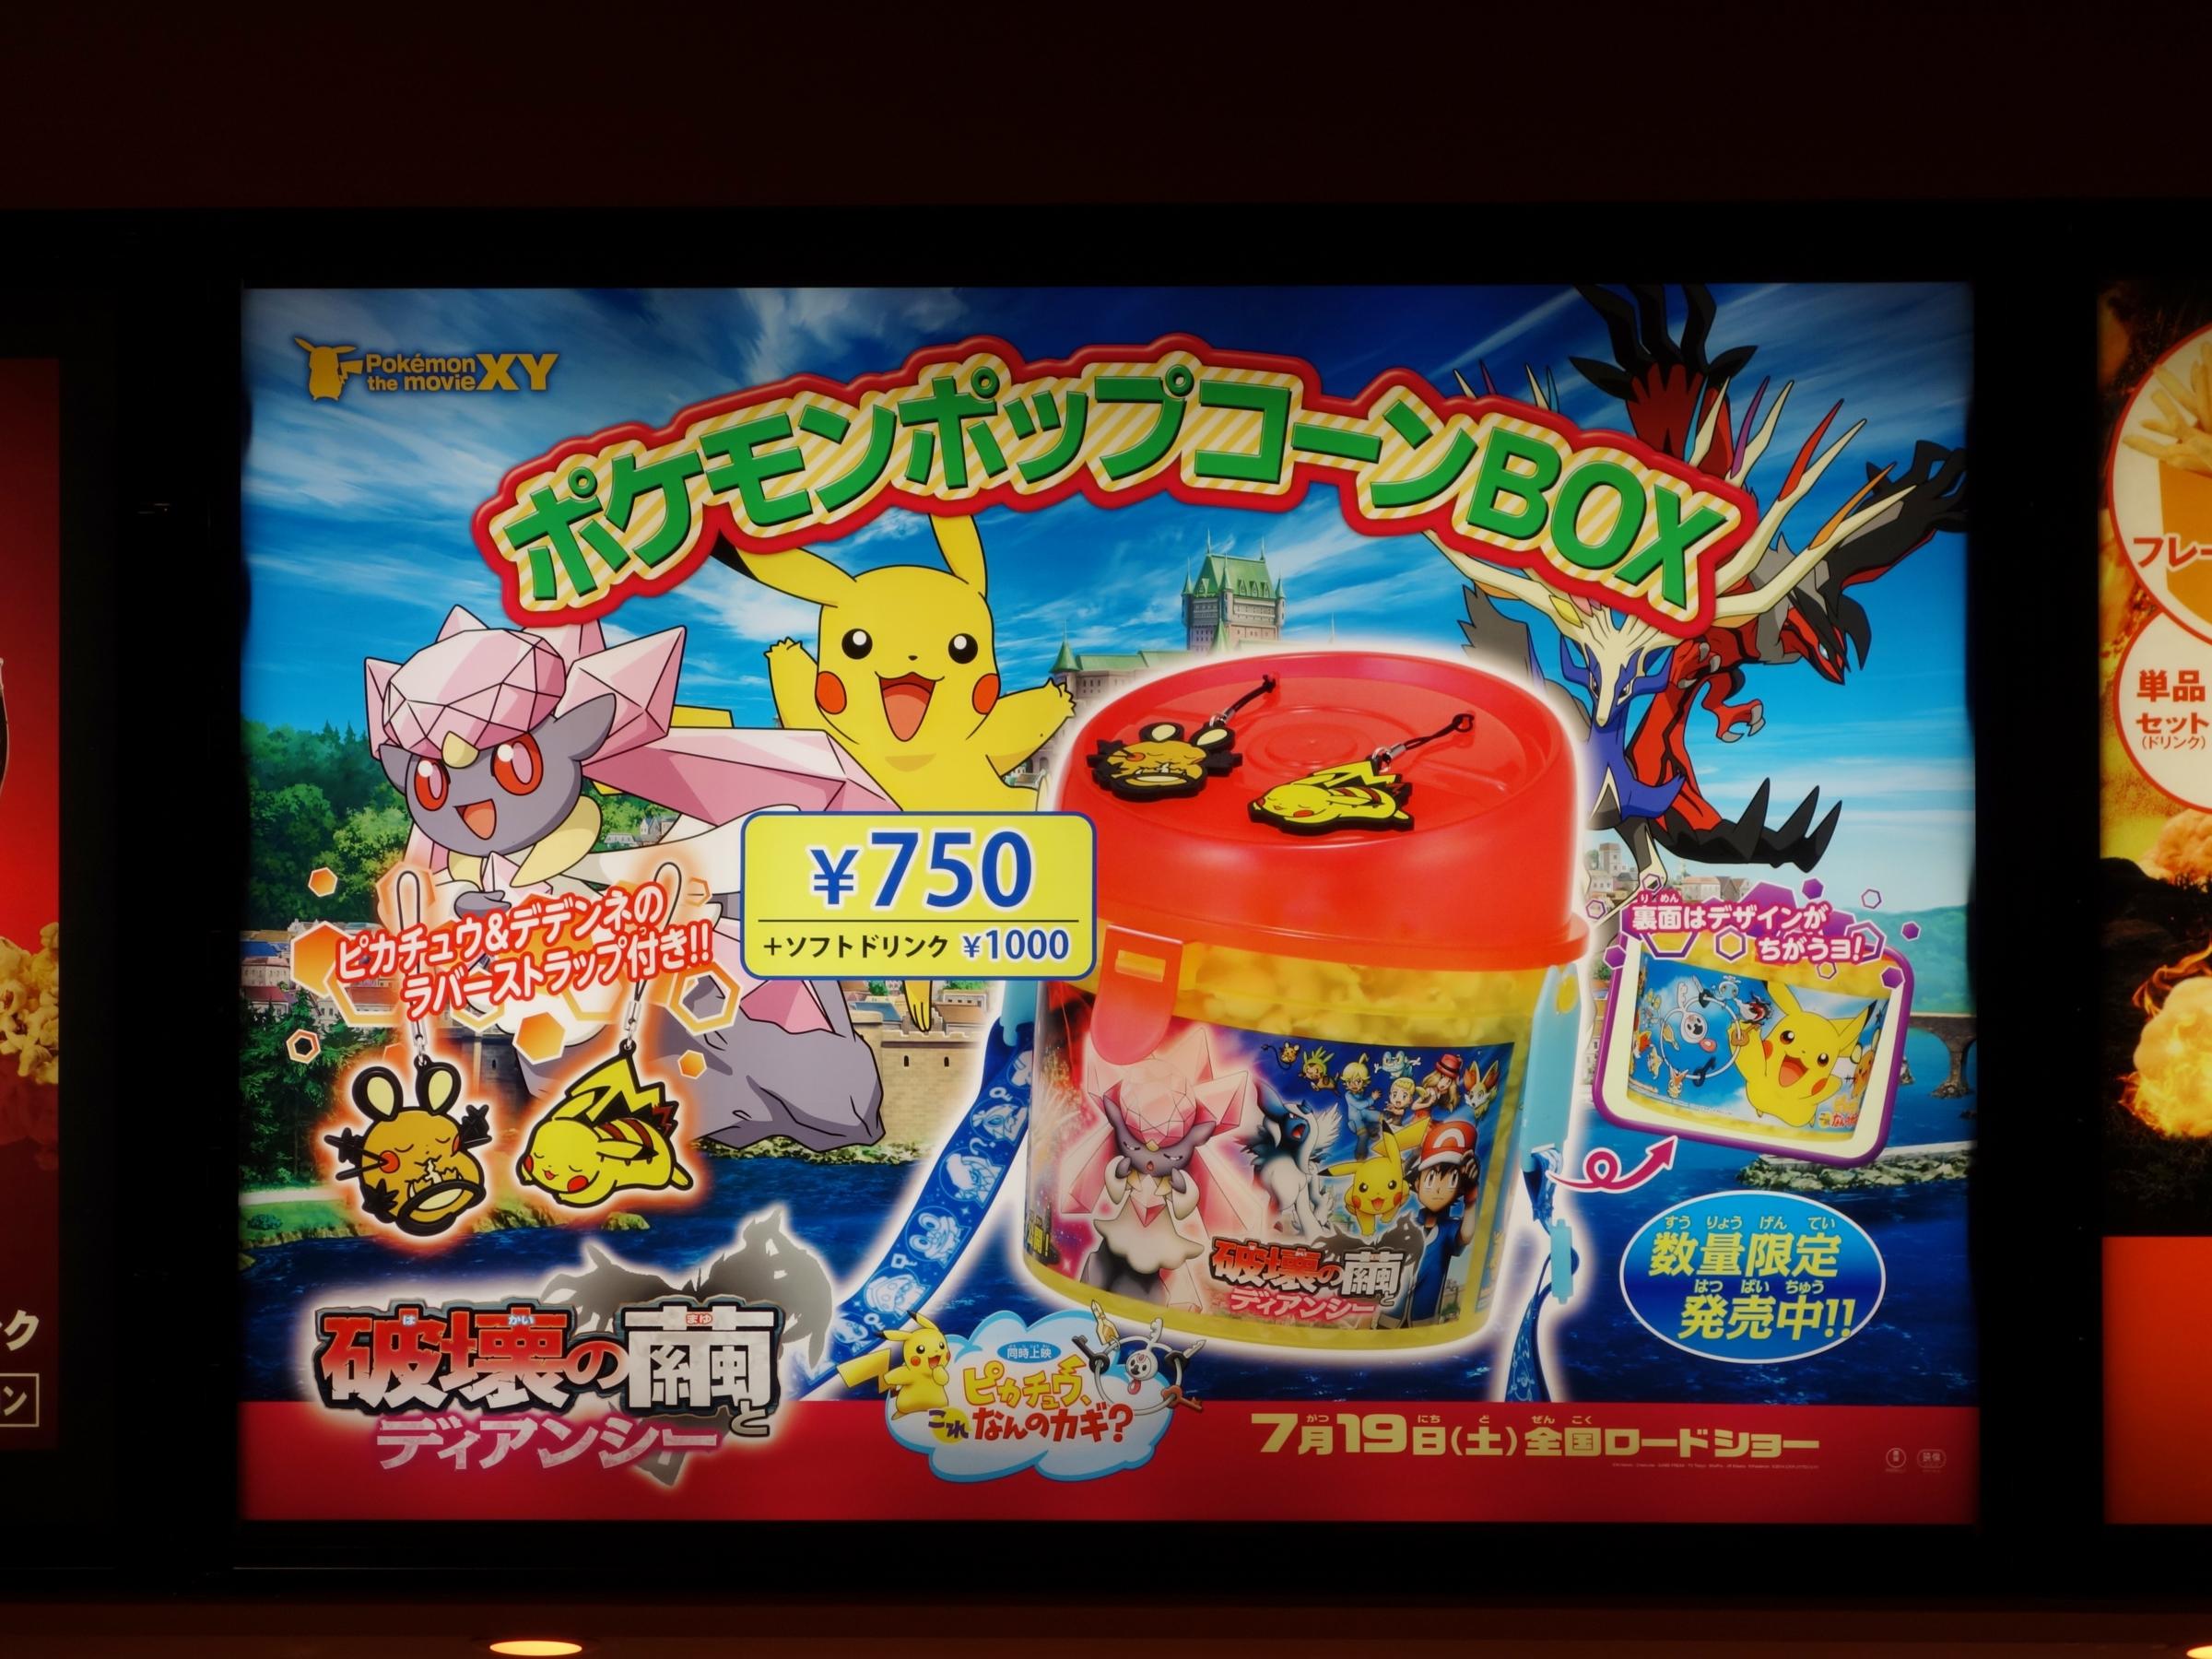 ポケモンポップコーンbox (2014年7月1日(火)発売) - アサミの日記